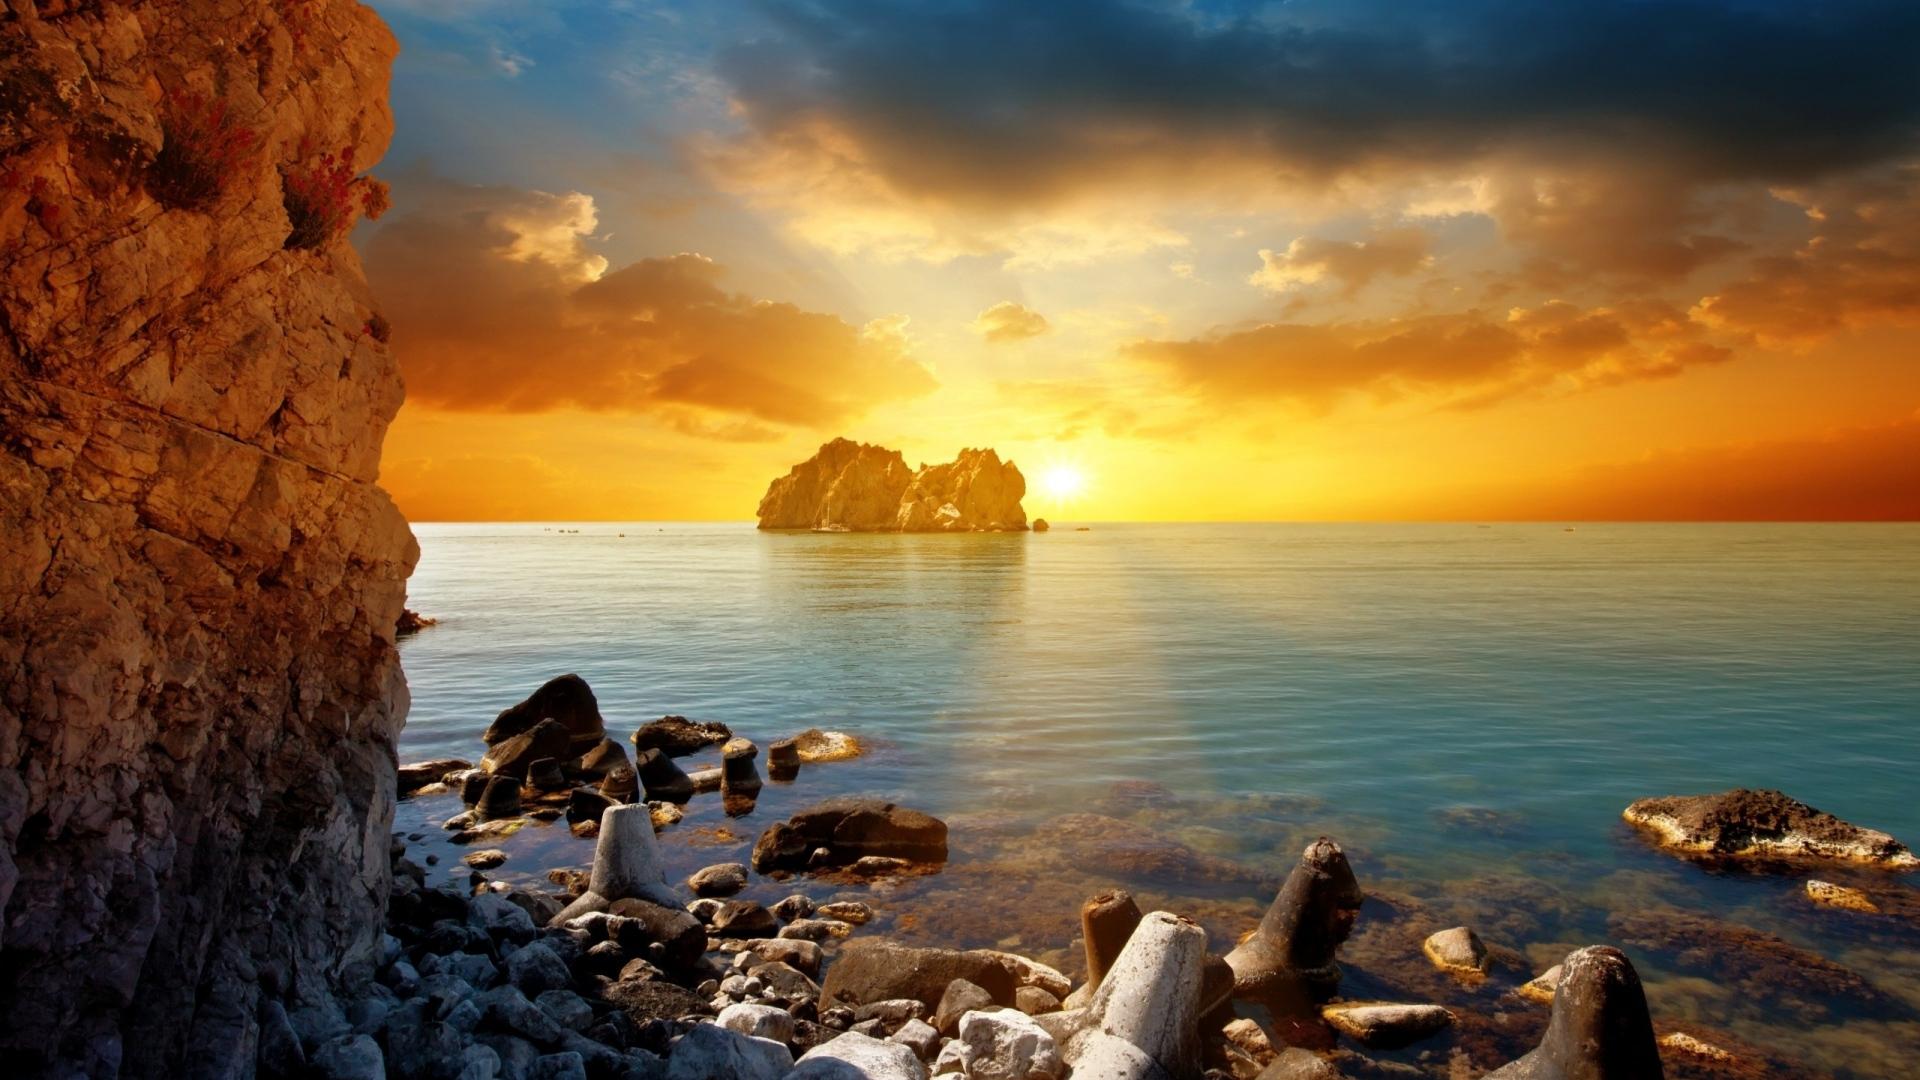 بالصور منظر جميل , شاهد بالصور اروع المناظر البراقة 3858 8